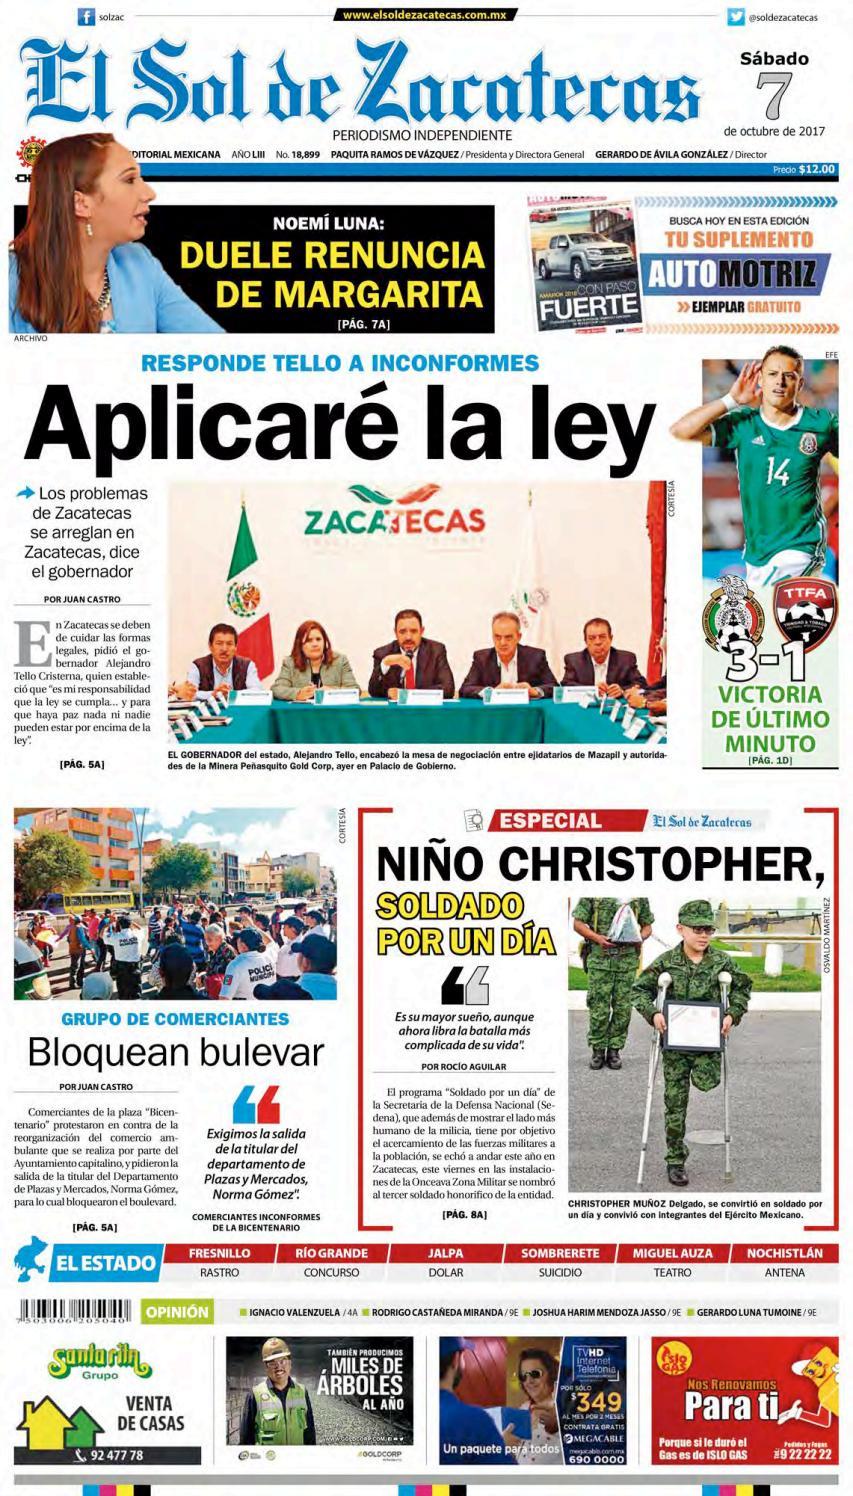 569fdaed81b3b El Sol de Zacatecas 7 de octubre 2017 by El Sol de Zacatecas - issuu